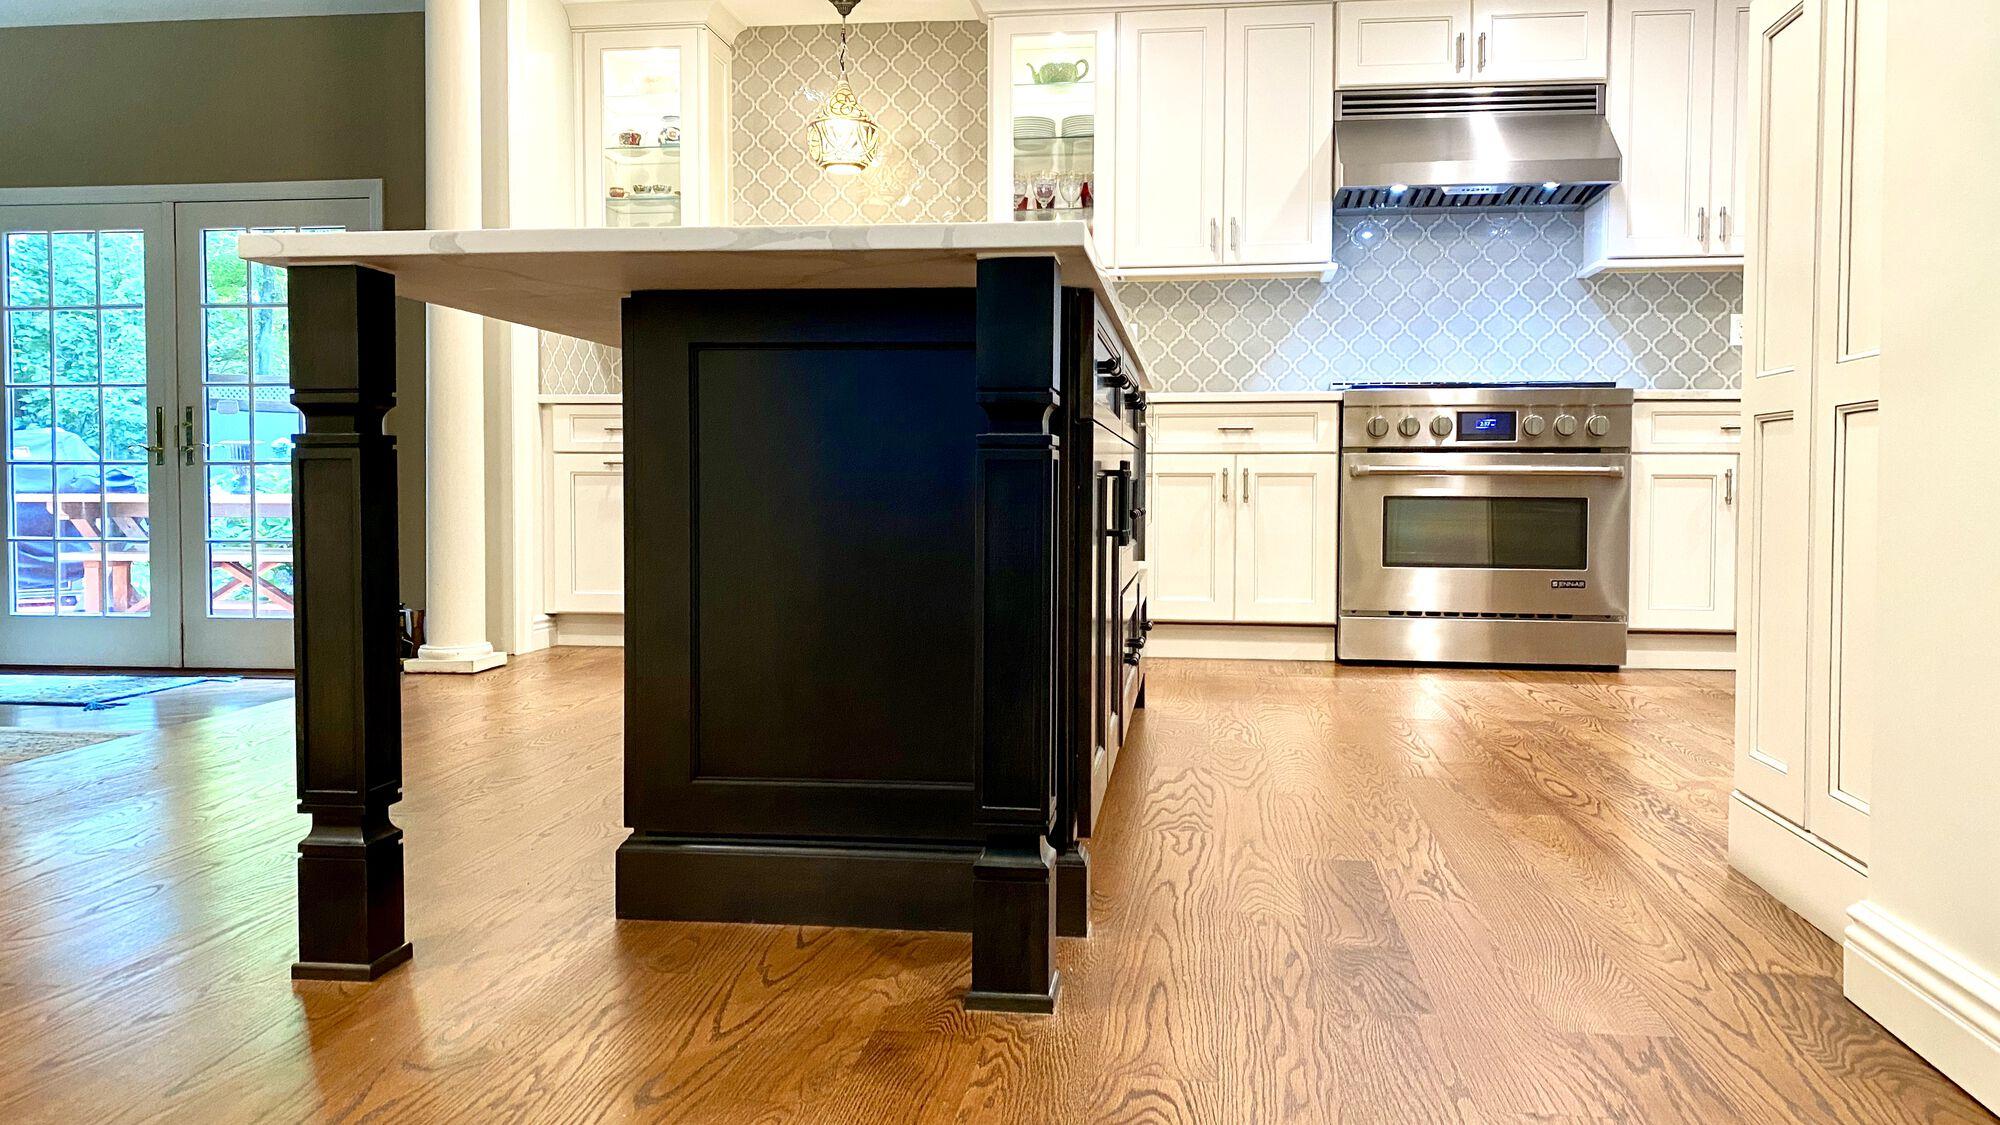 Bergen County NJ Kitchen Renovation Contractor